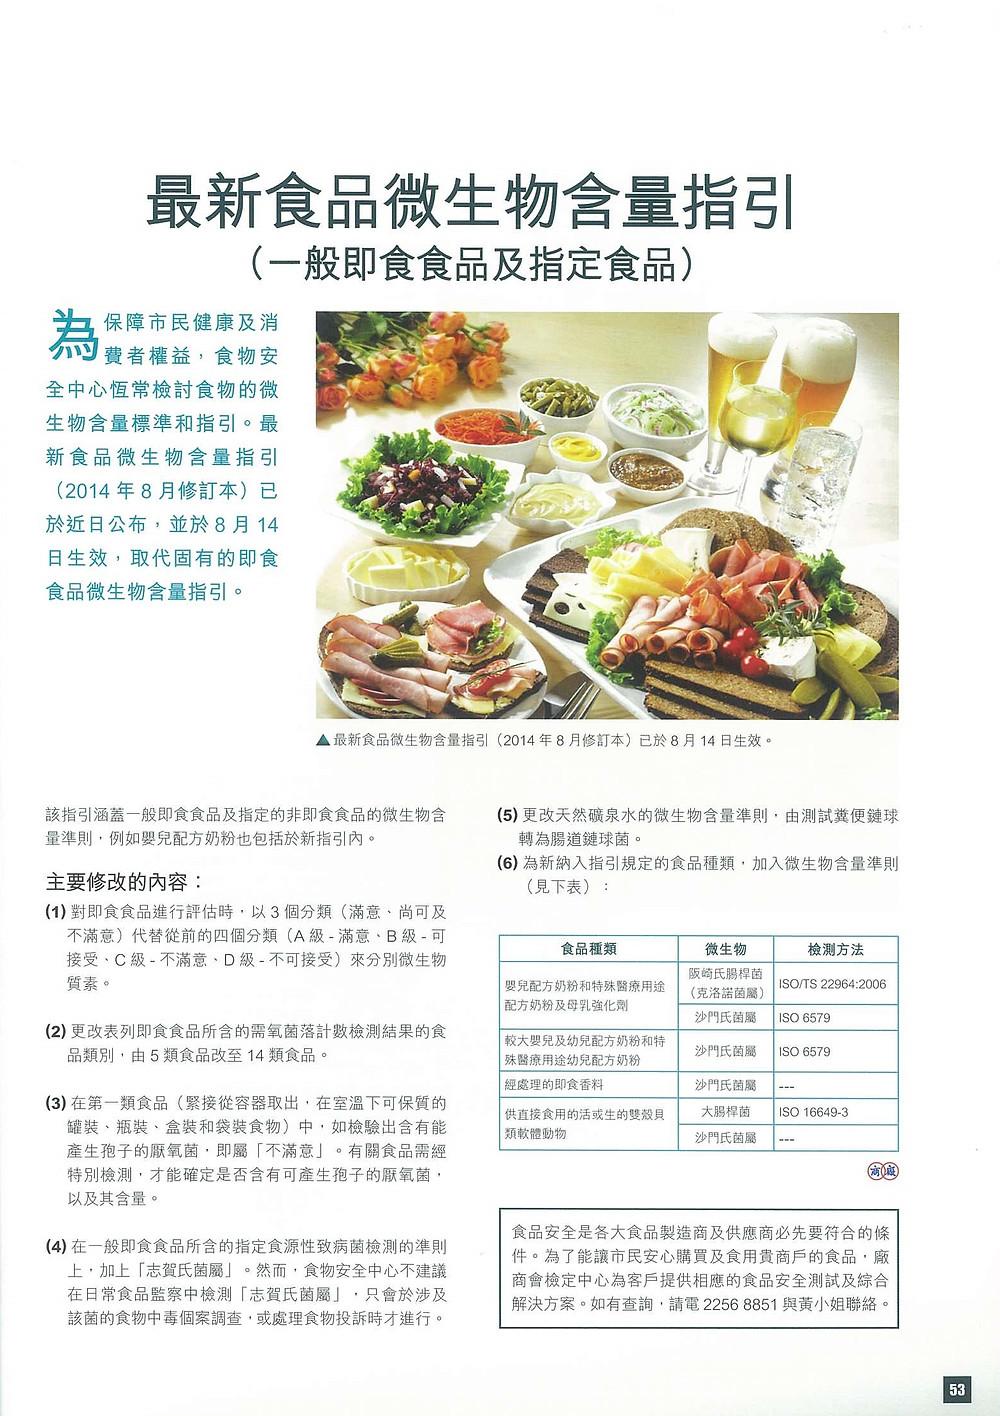 最新食品微生物含量指引.jpg